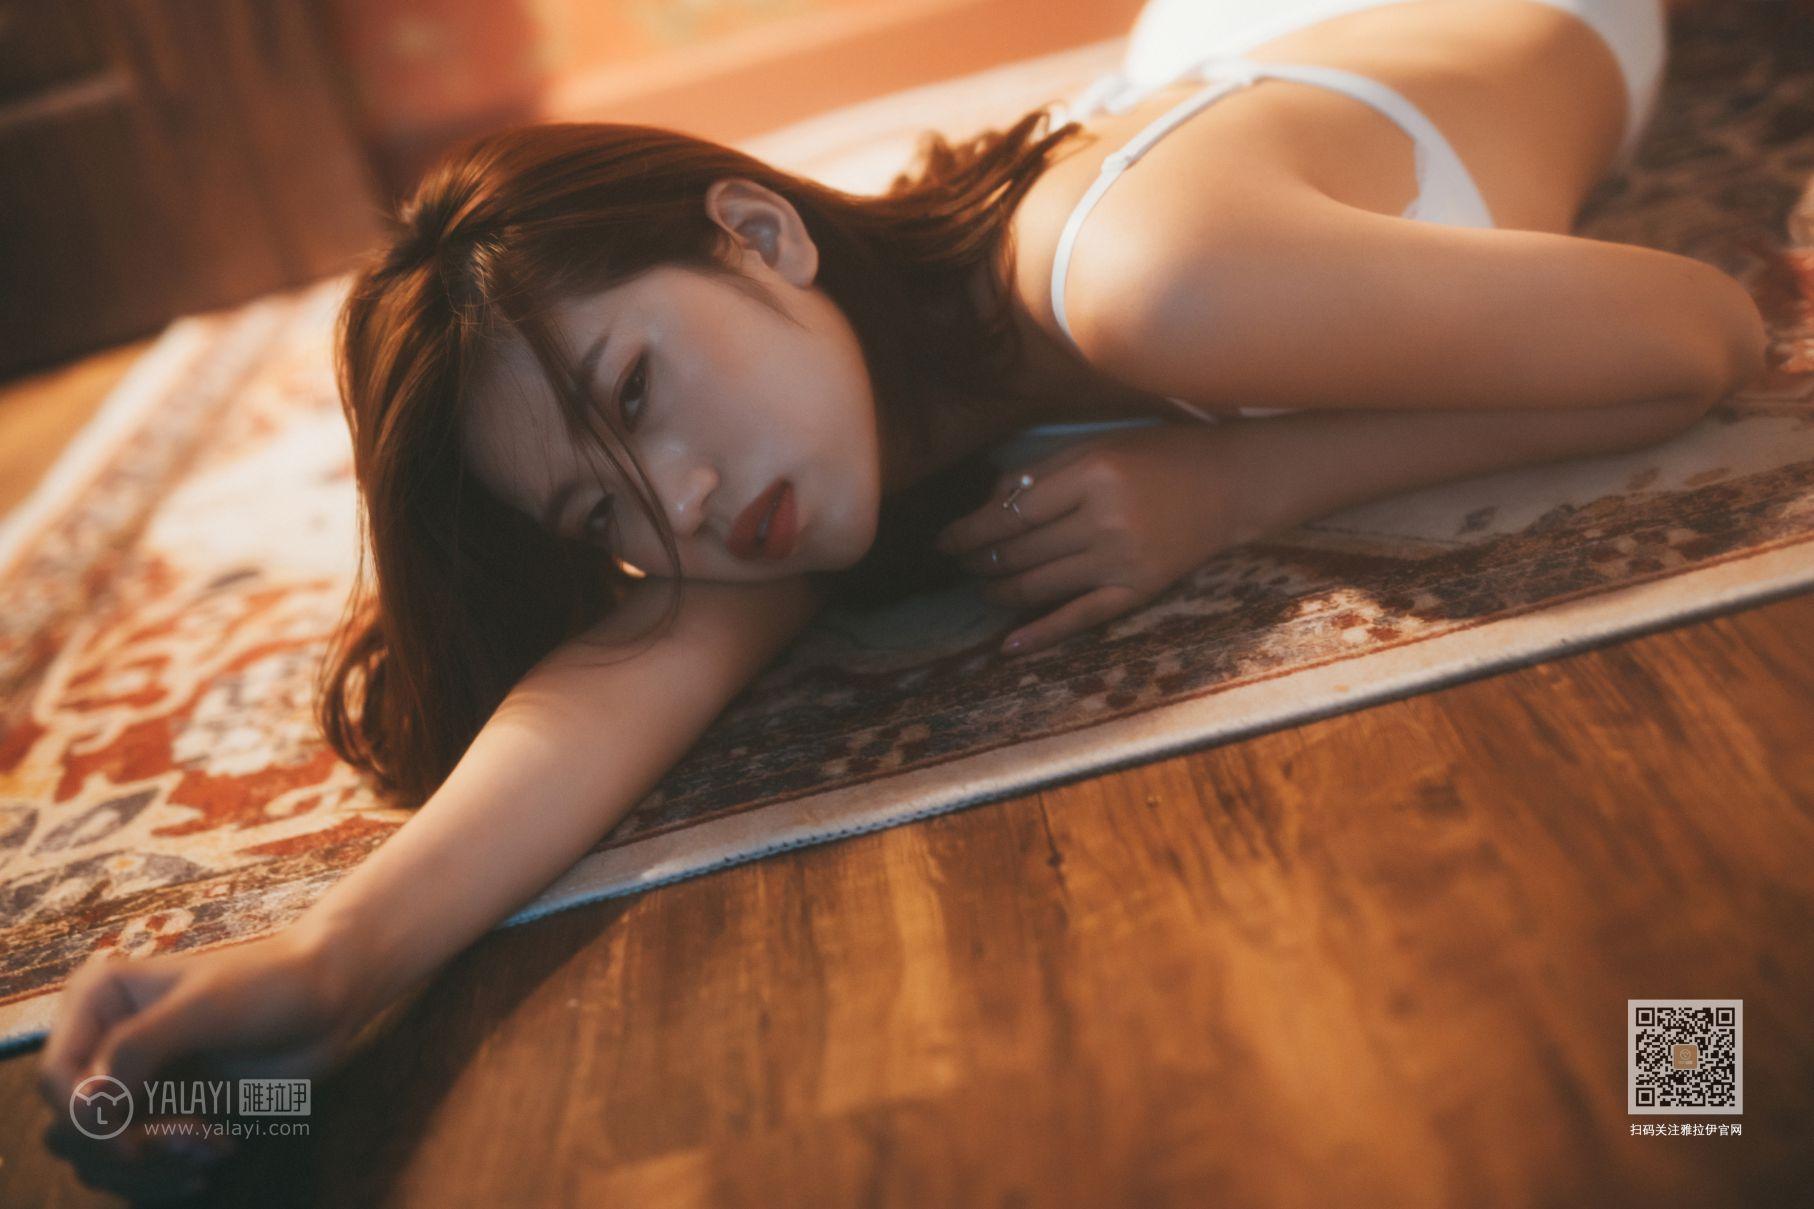 小小, YaLaYi雅拉伊 Vol.442 Xiao Xiao, YaLaYi雅拉伊 Vol.442, Xiao Xiao